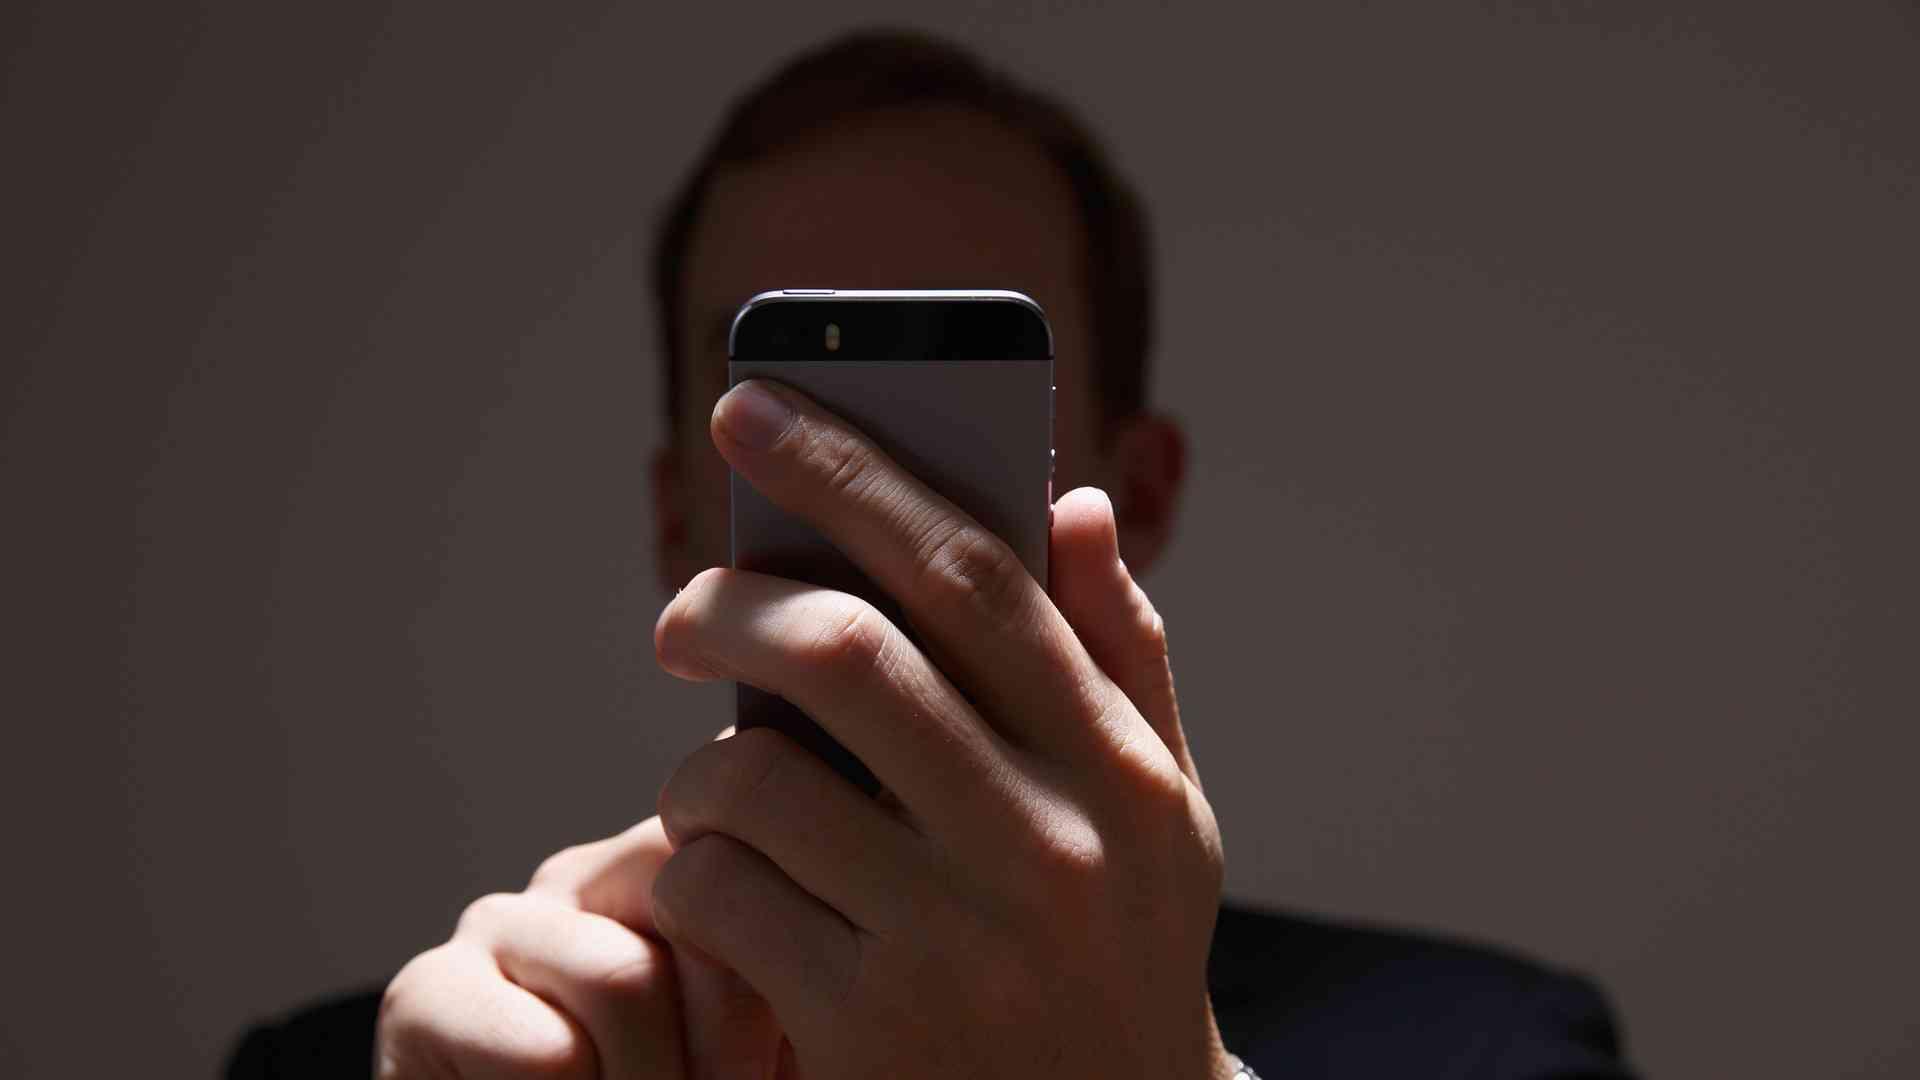 ネットを徘徊する「正義依存症」のひとたち(橘玲) - 個人 - Yahoo!ニュース